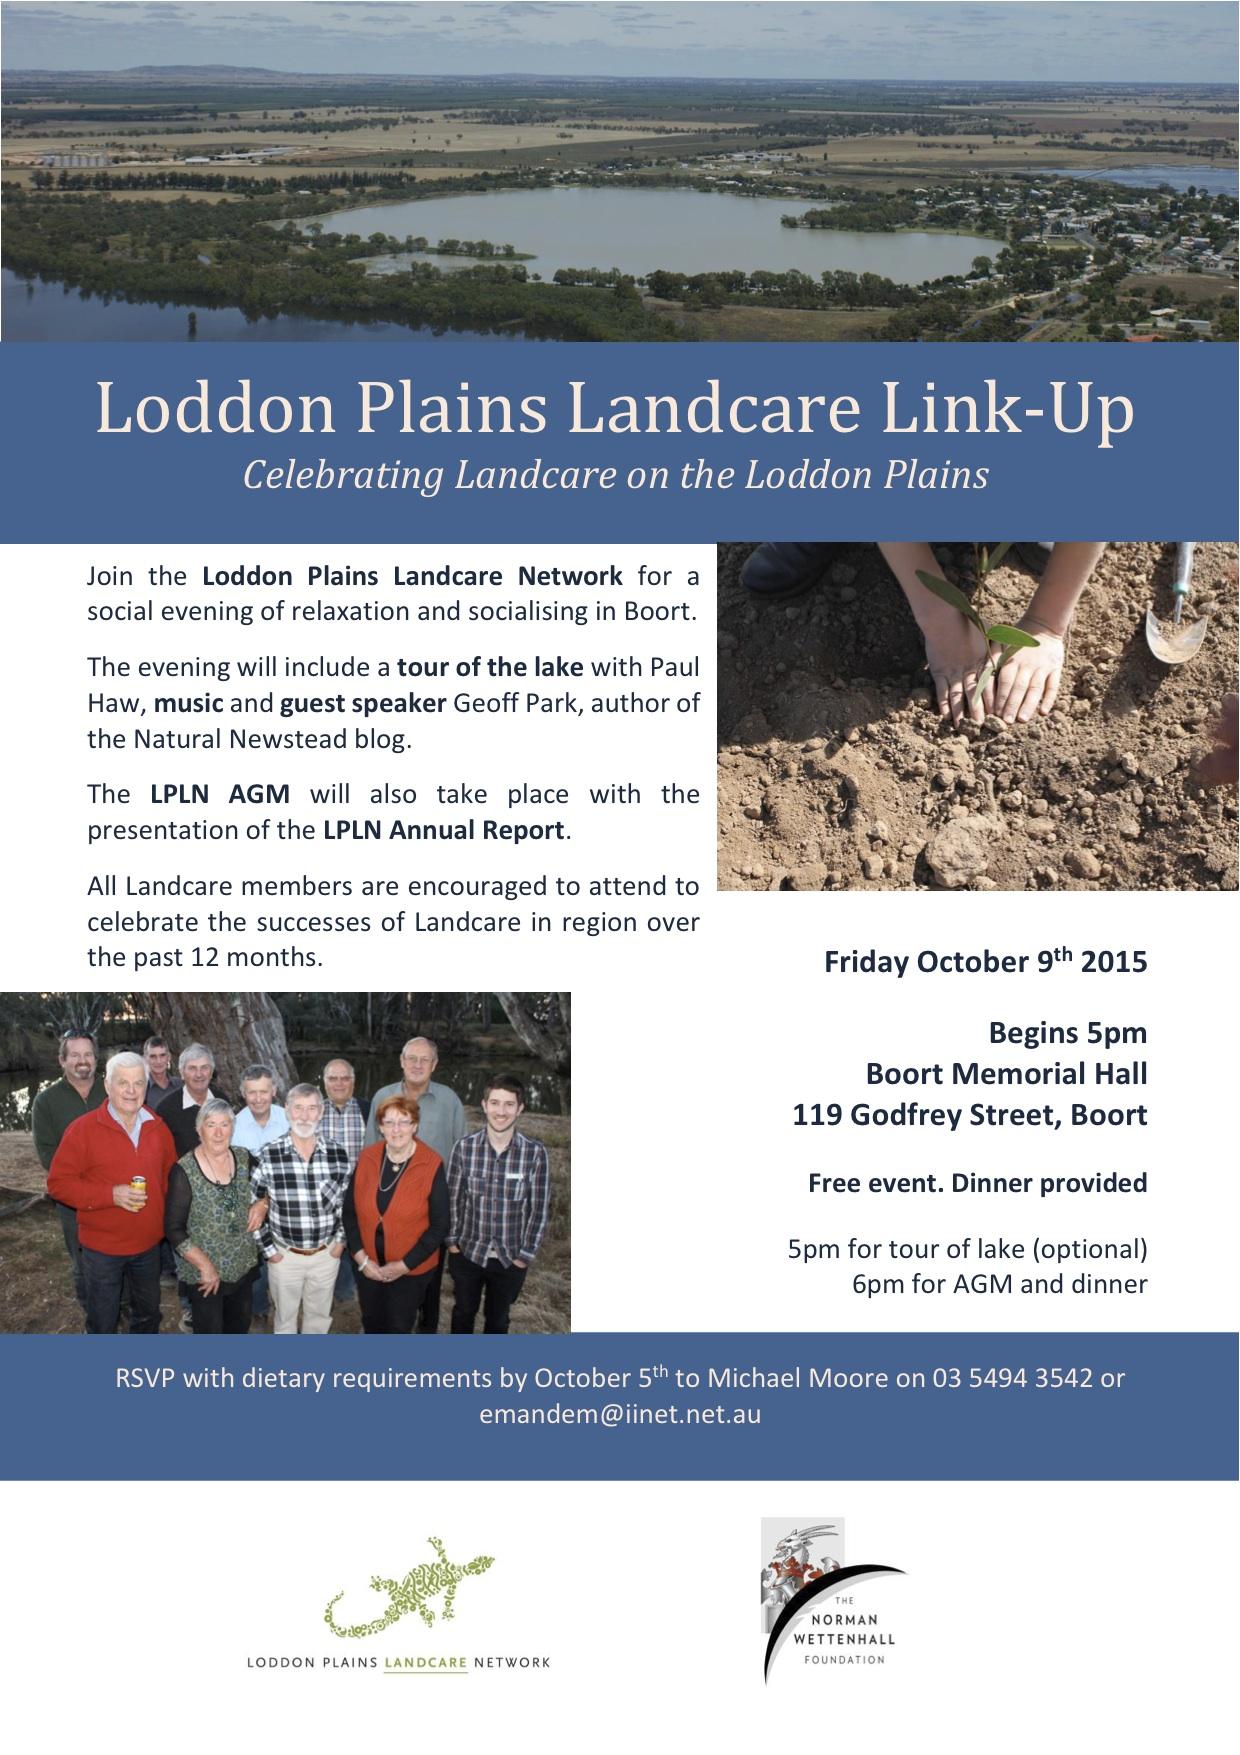 Loddon Plains Landcare Link-up Flyer 2015